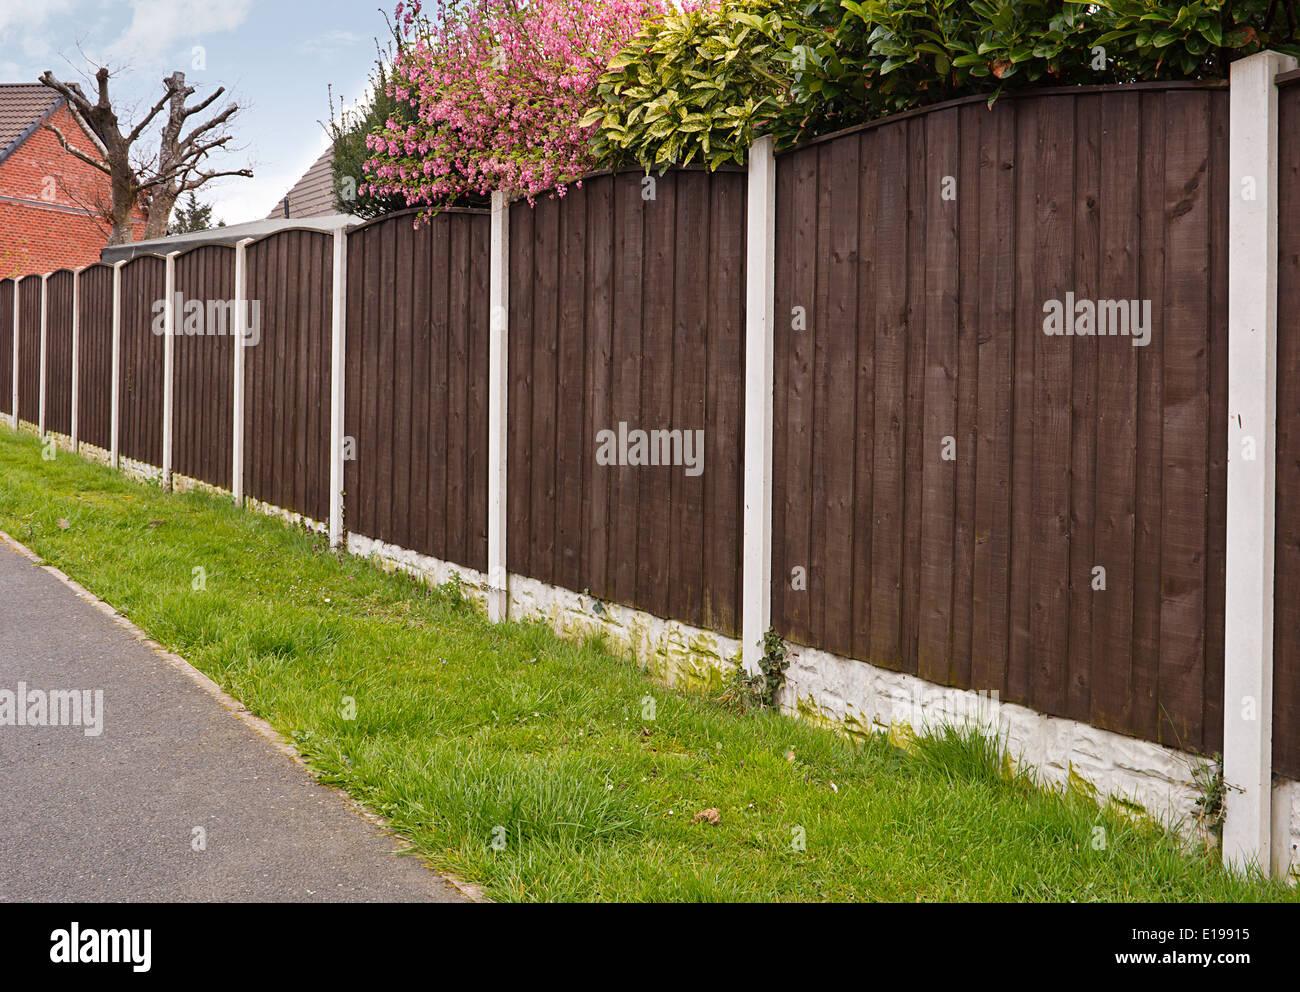 Chiudere board di pannelli di recinzione con pali di calcestruzzo dipinte recentemente con creosoto Immagini Stock